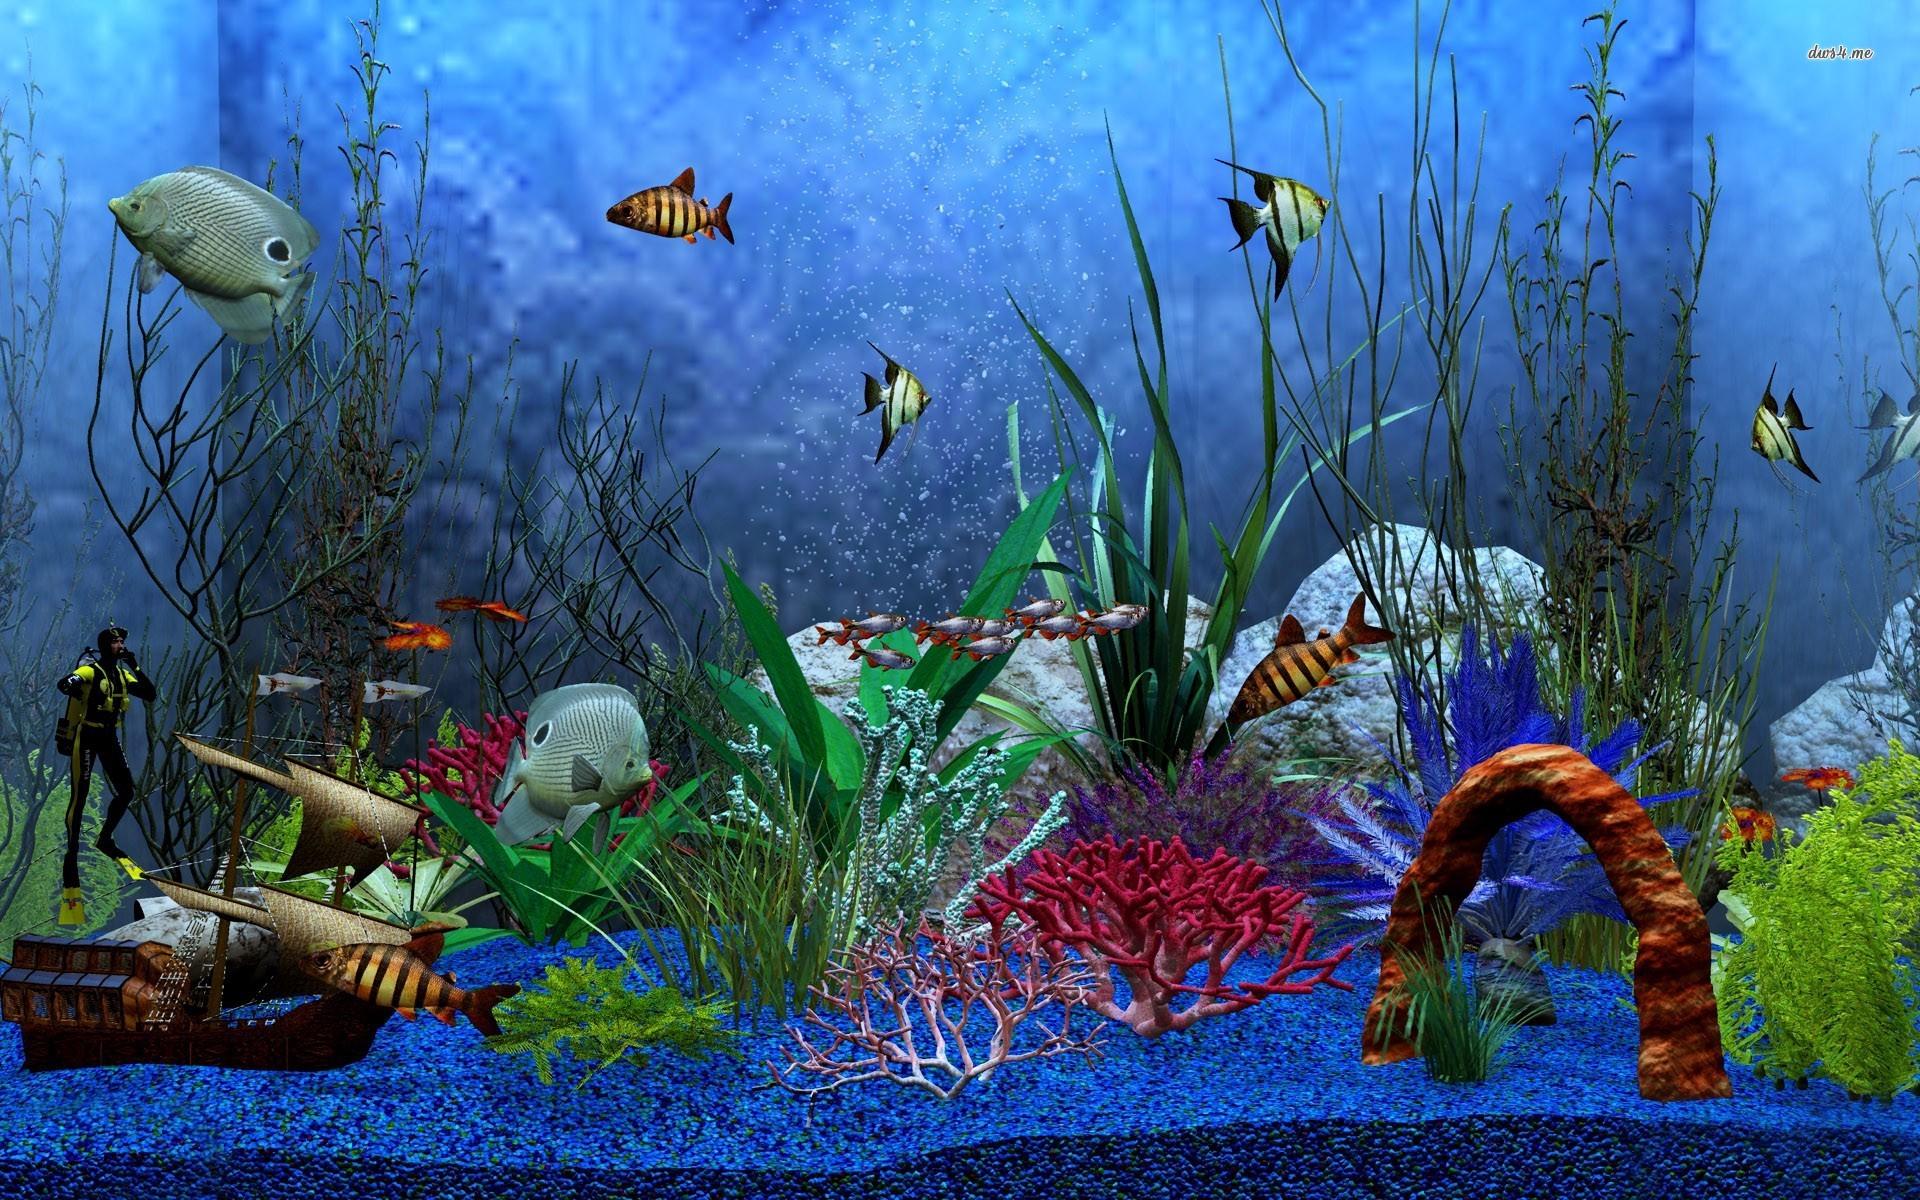 Aquarium wallpapers 35 wallpapers adorable wallpapers for Fond aquarium